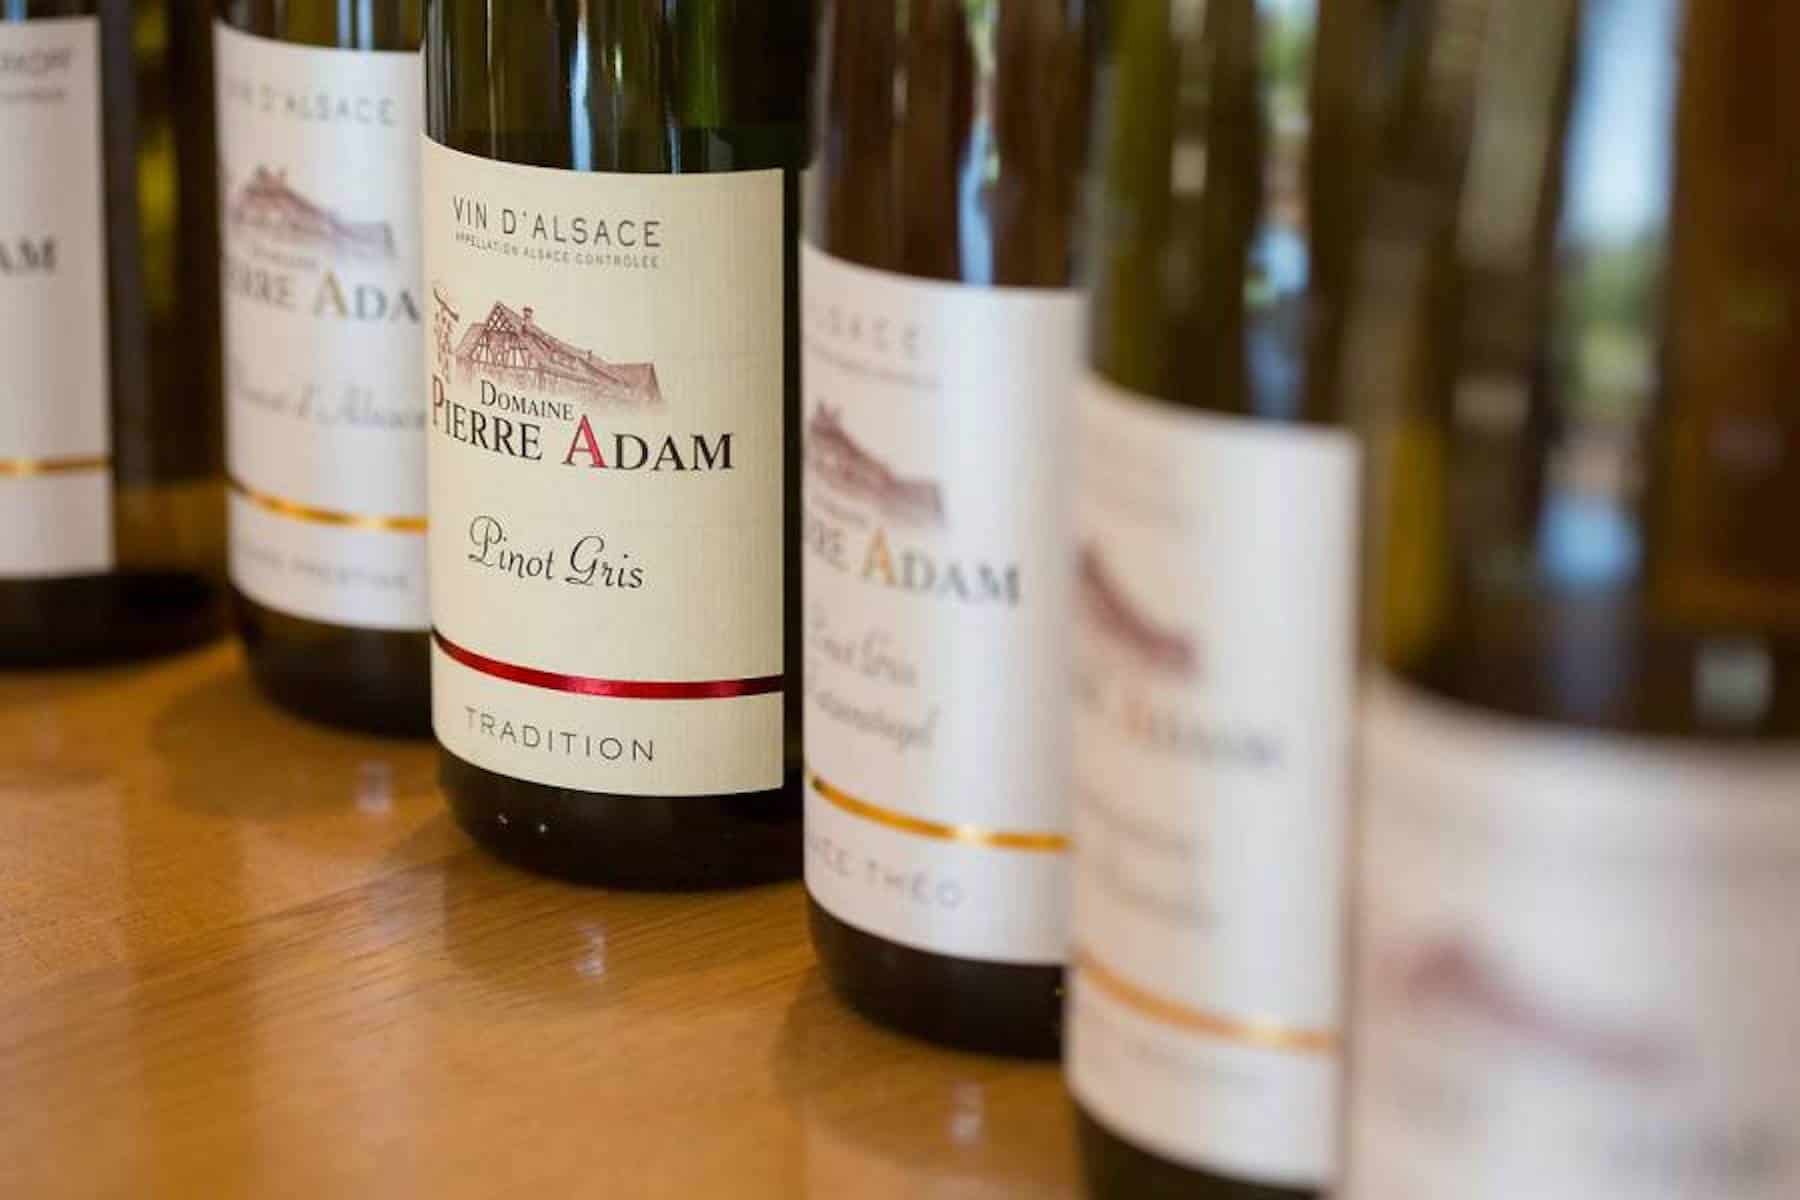 rangée de bouteilles de vin d'Alsace du domaine Pierre Adam